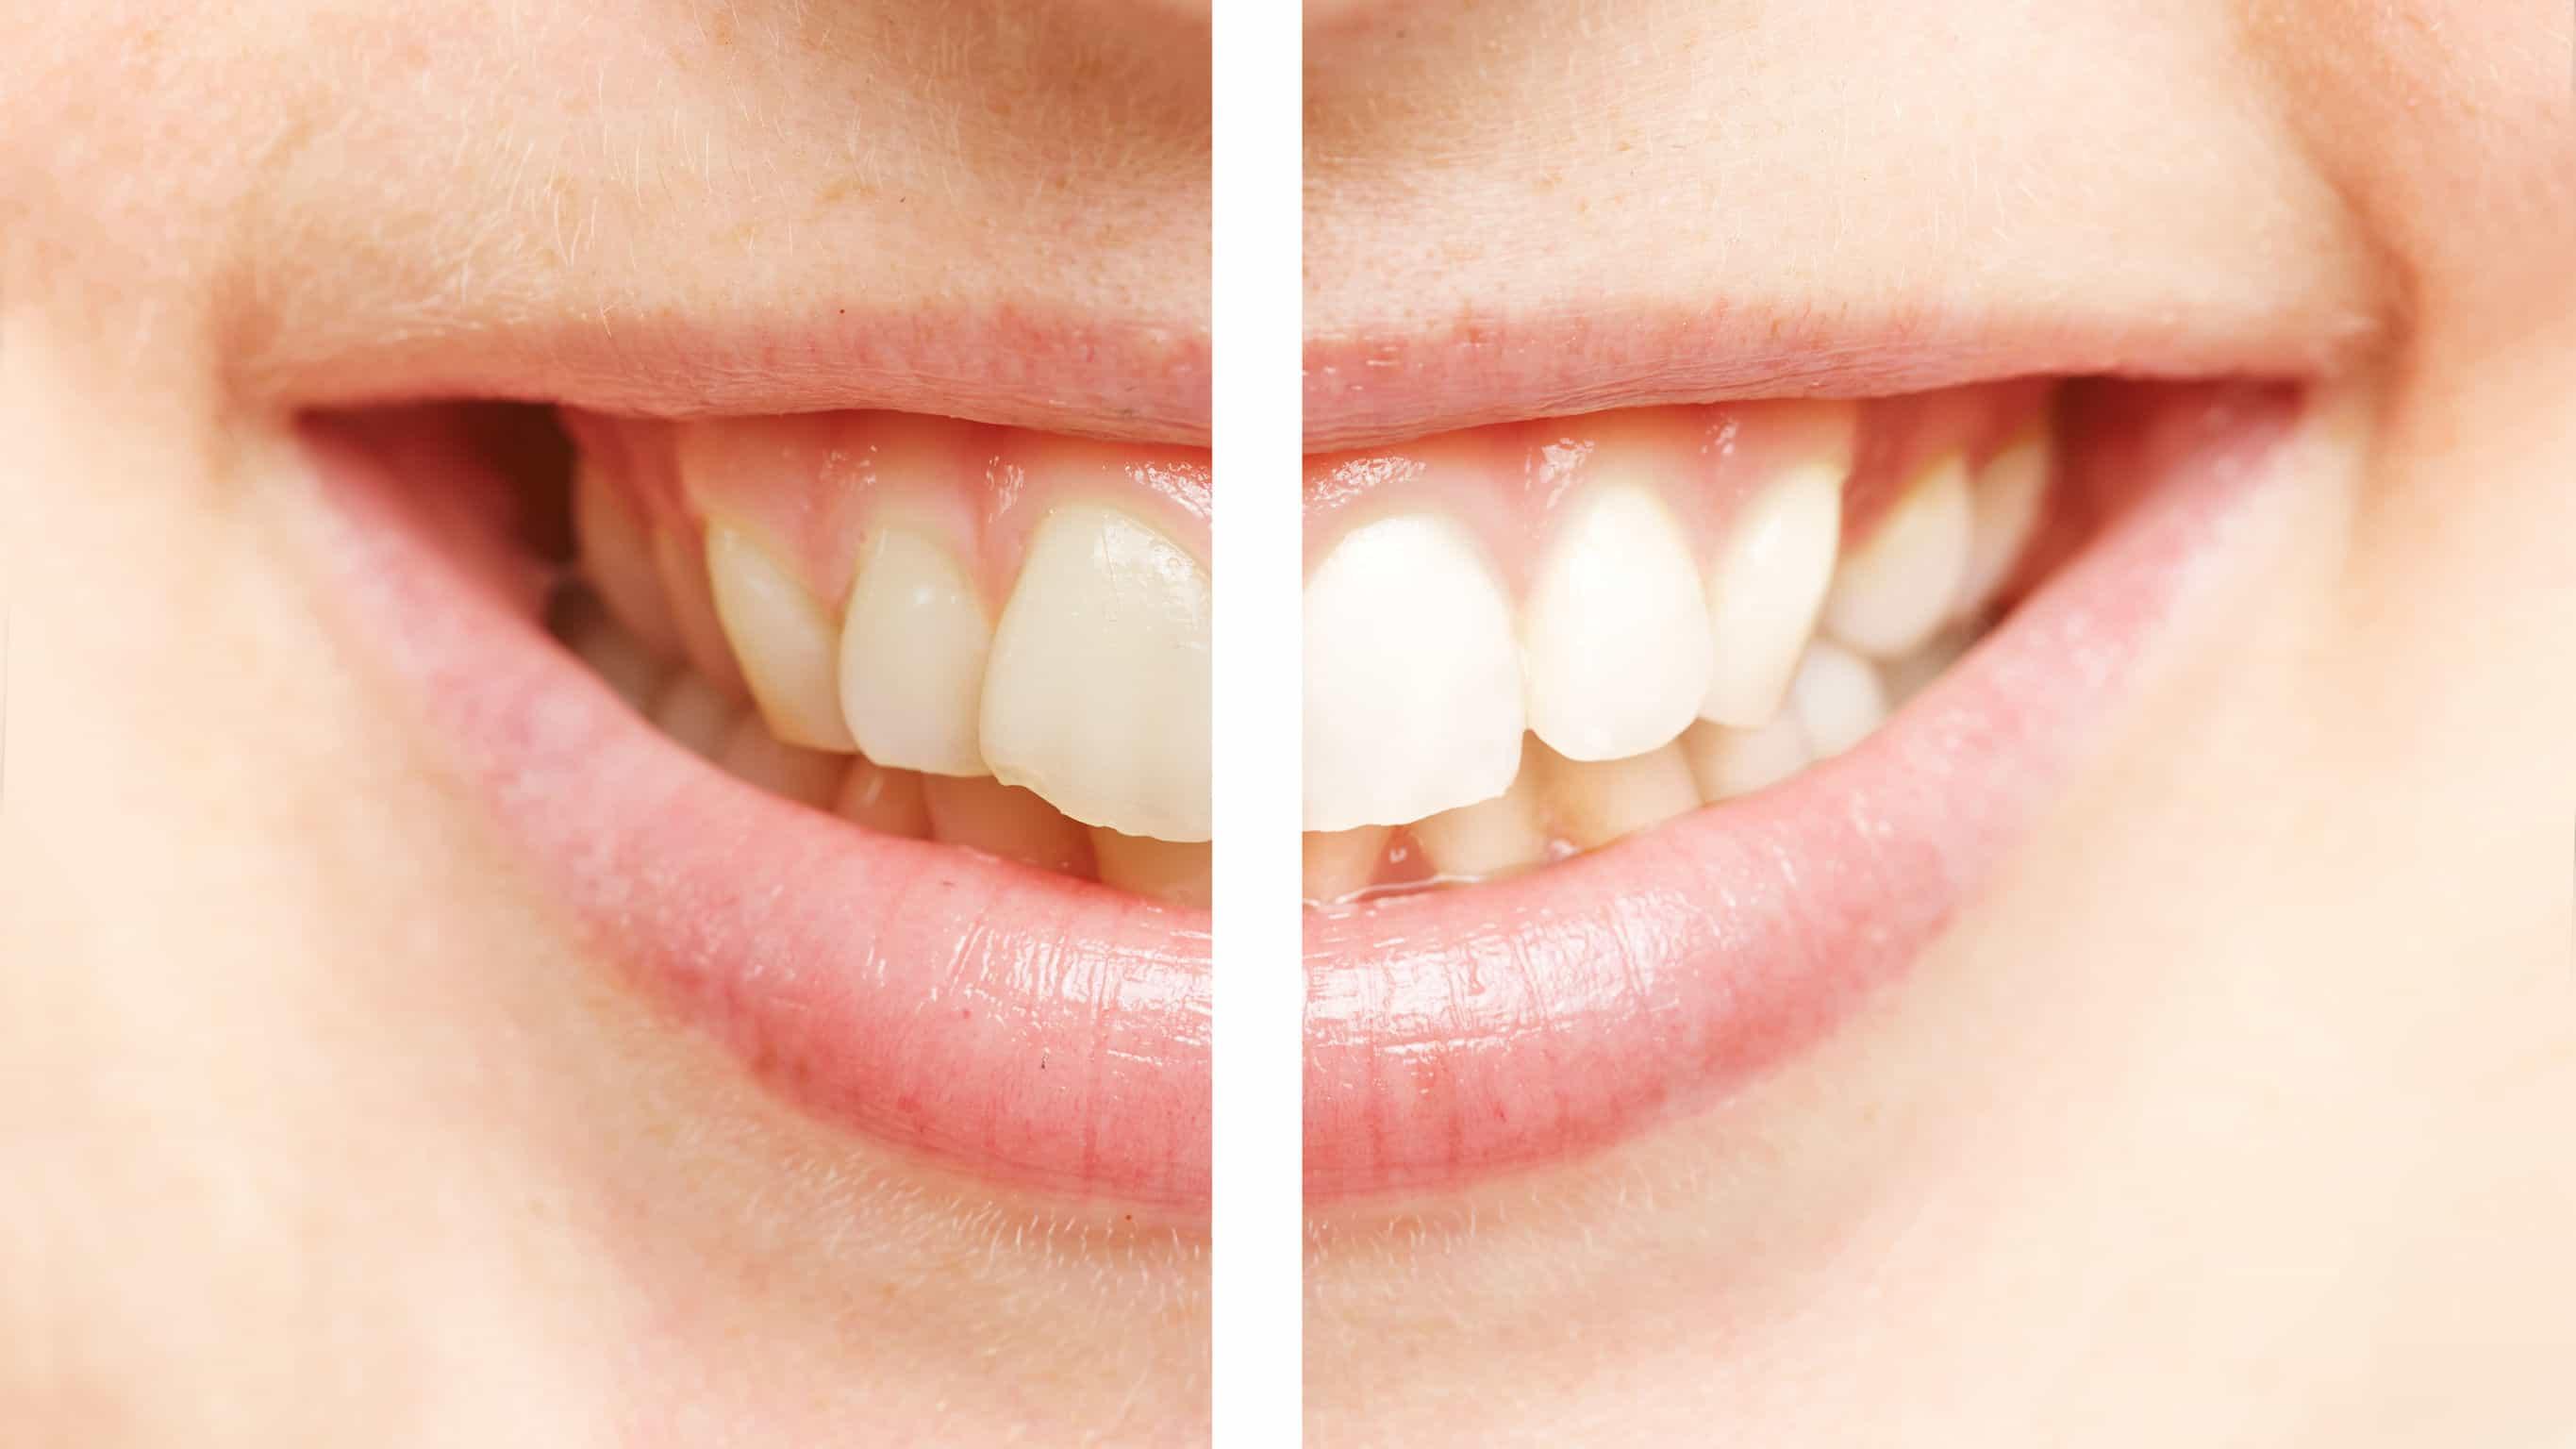 dientes amarillos: solución